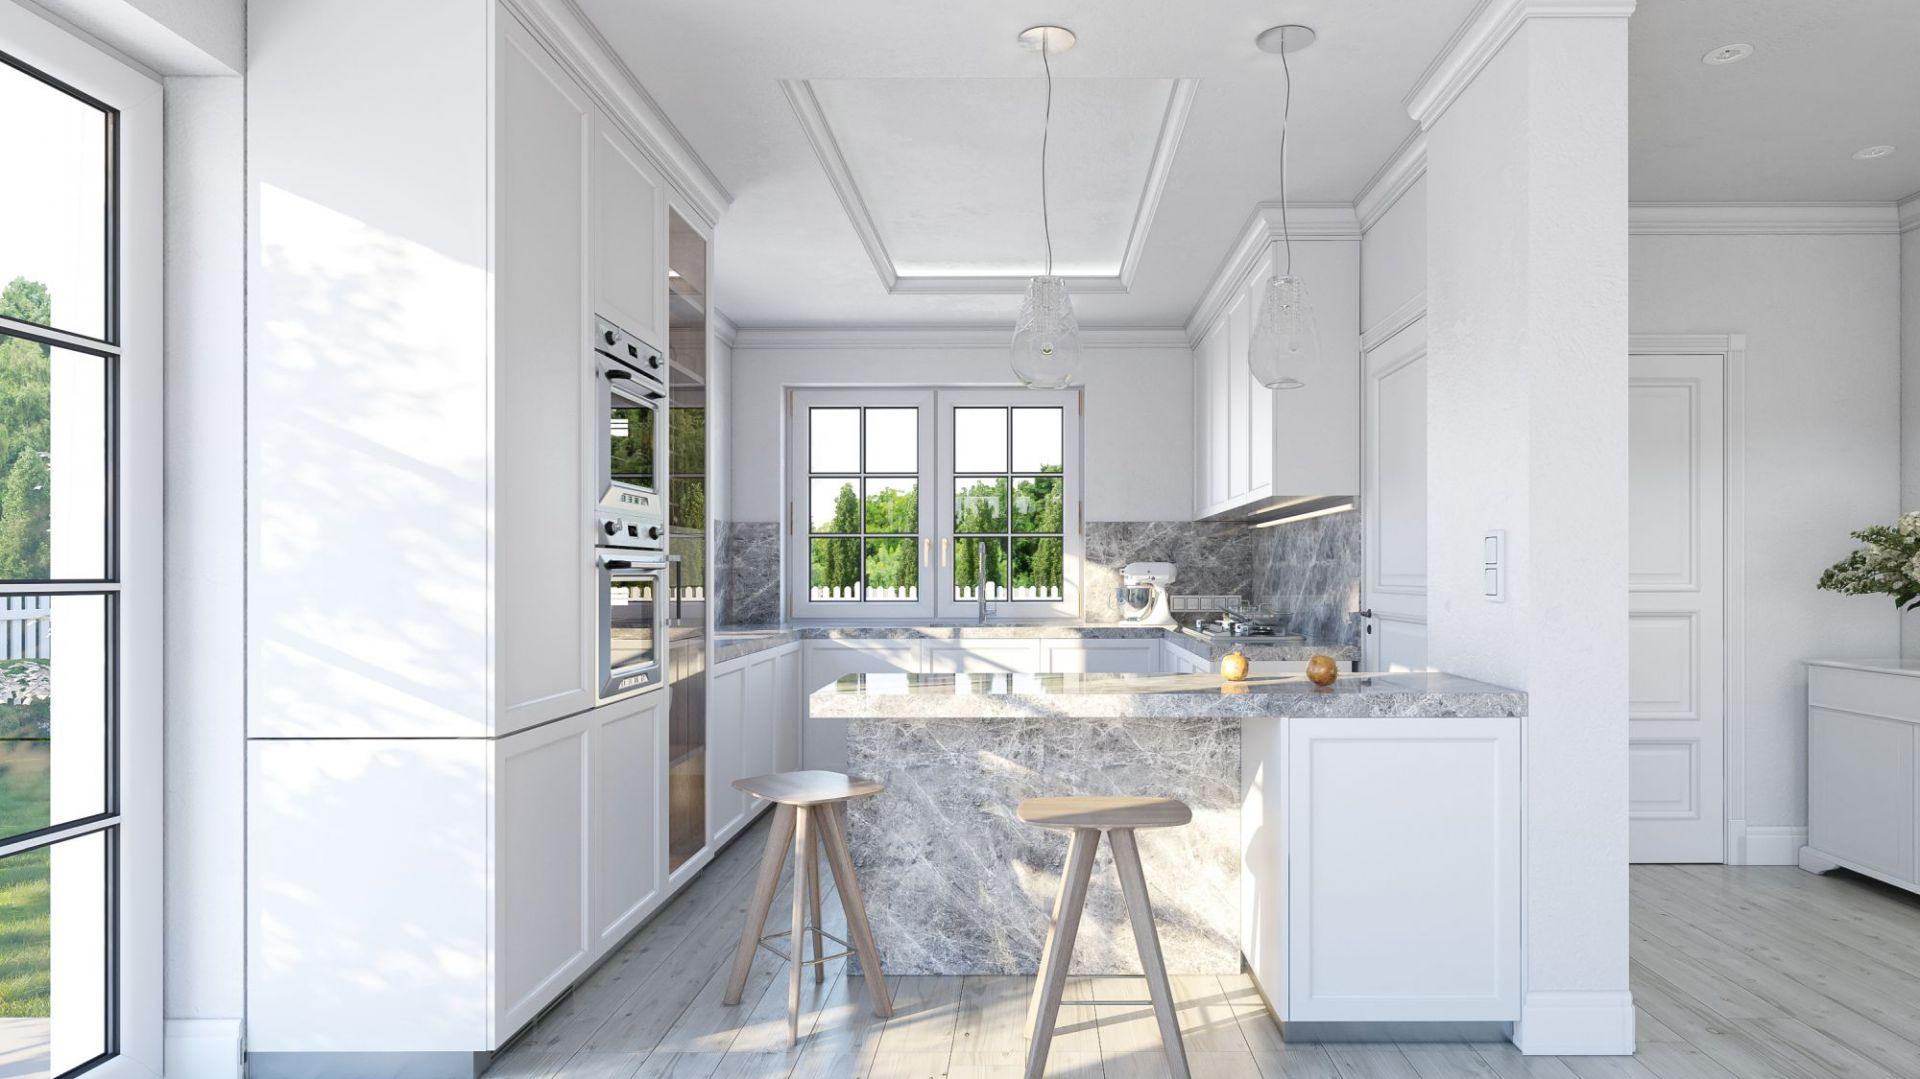 Piękna biała kuchnia ozdobiona została wykończeniami z kamienia. Dom Willa diamentowa. Projekt: arch. Michał Gąsiorowski. Fot. MG Projekt